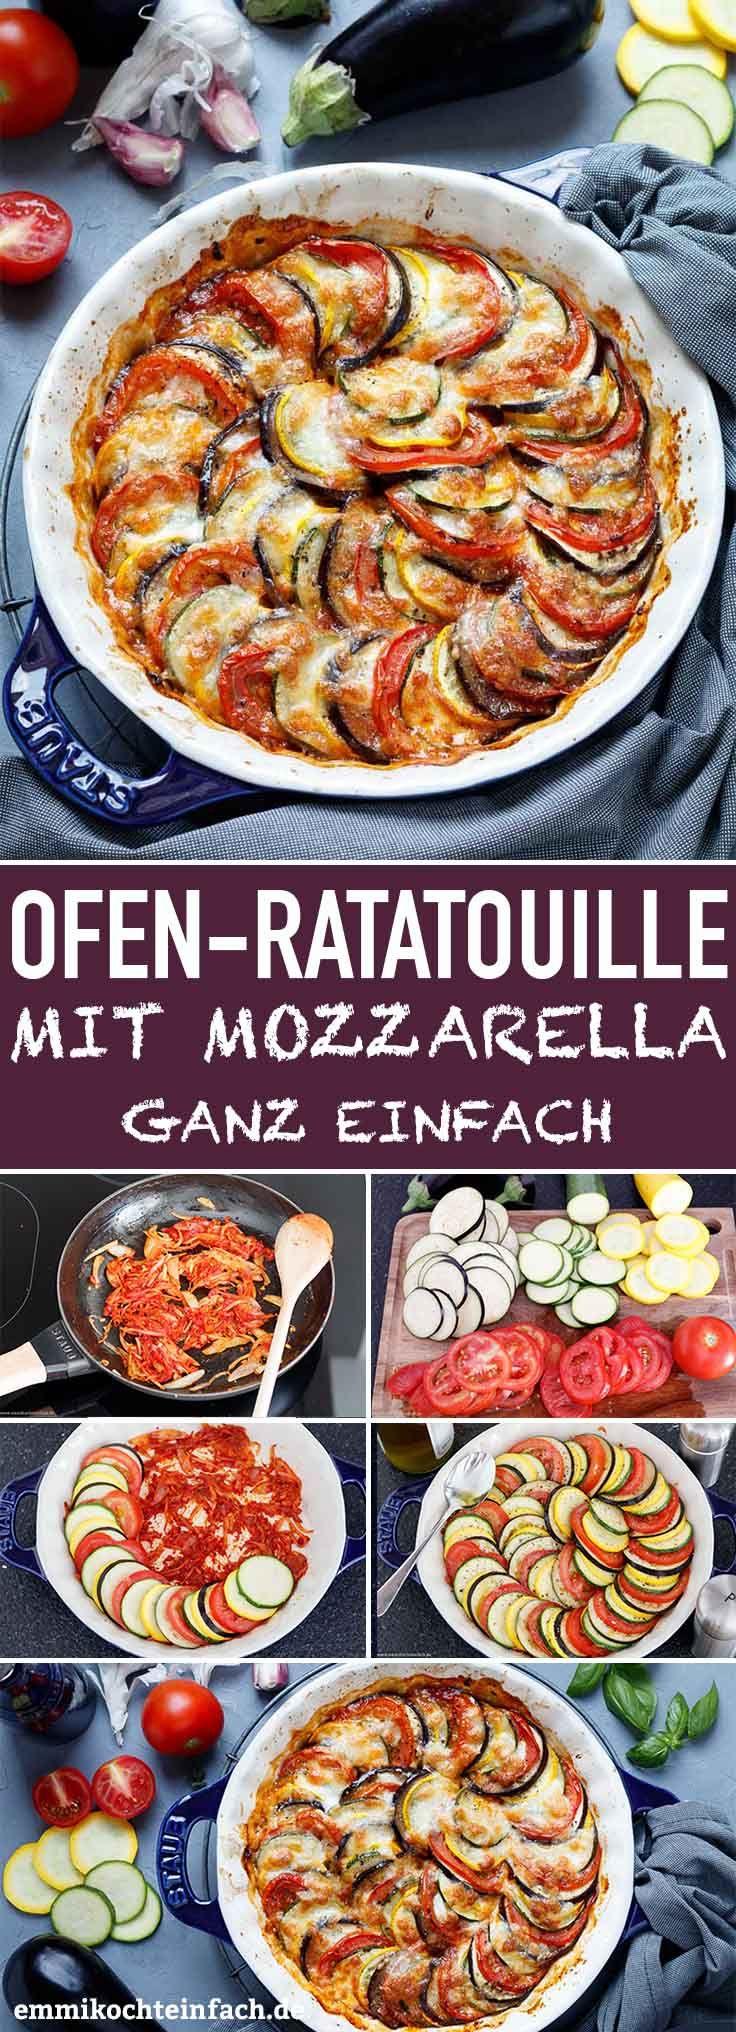 Ratatouille aus dem Ofen mit Mozzarella #gesunde